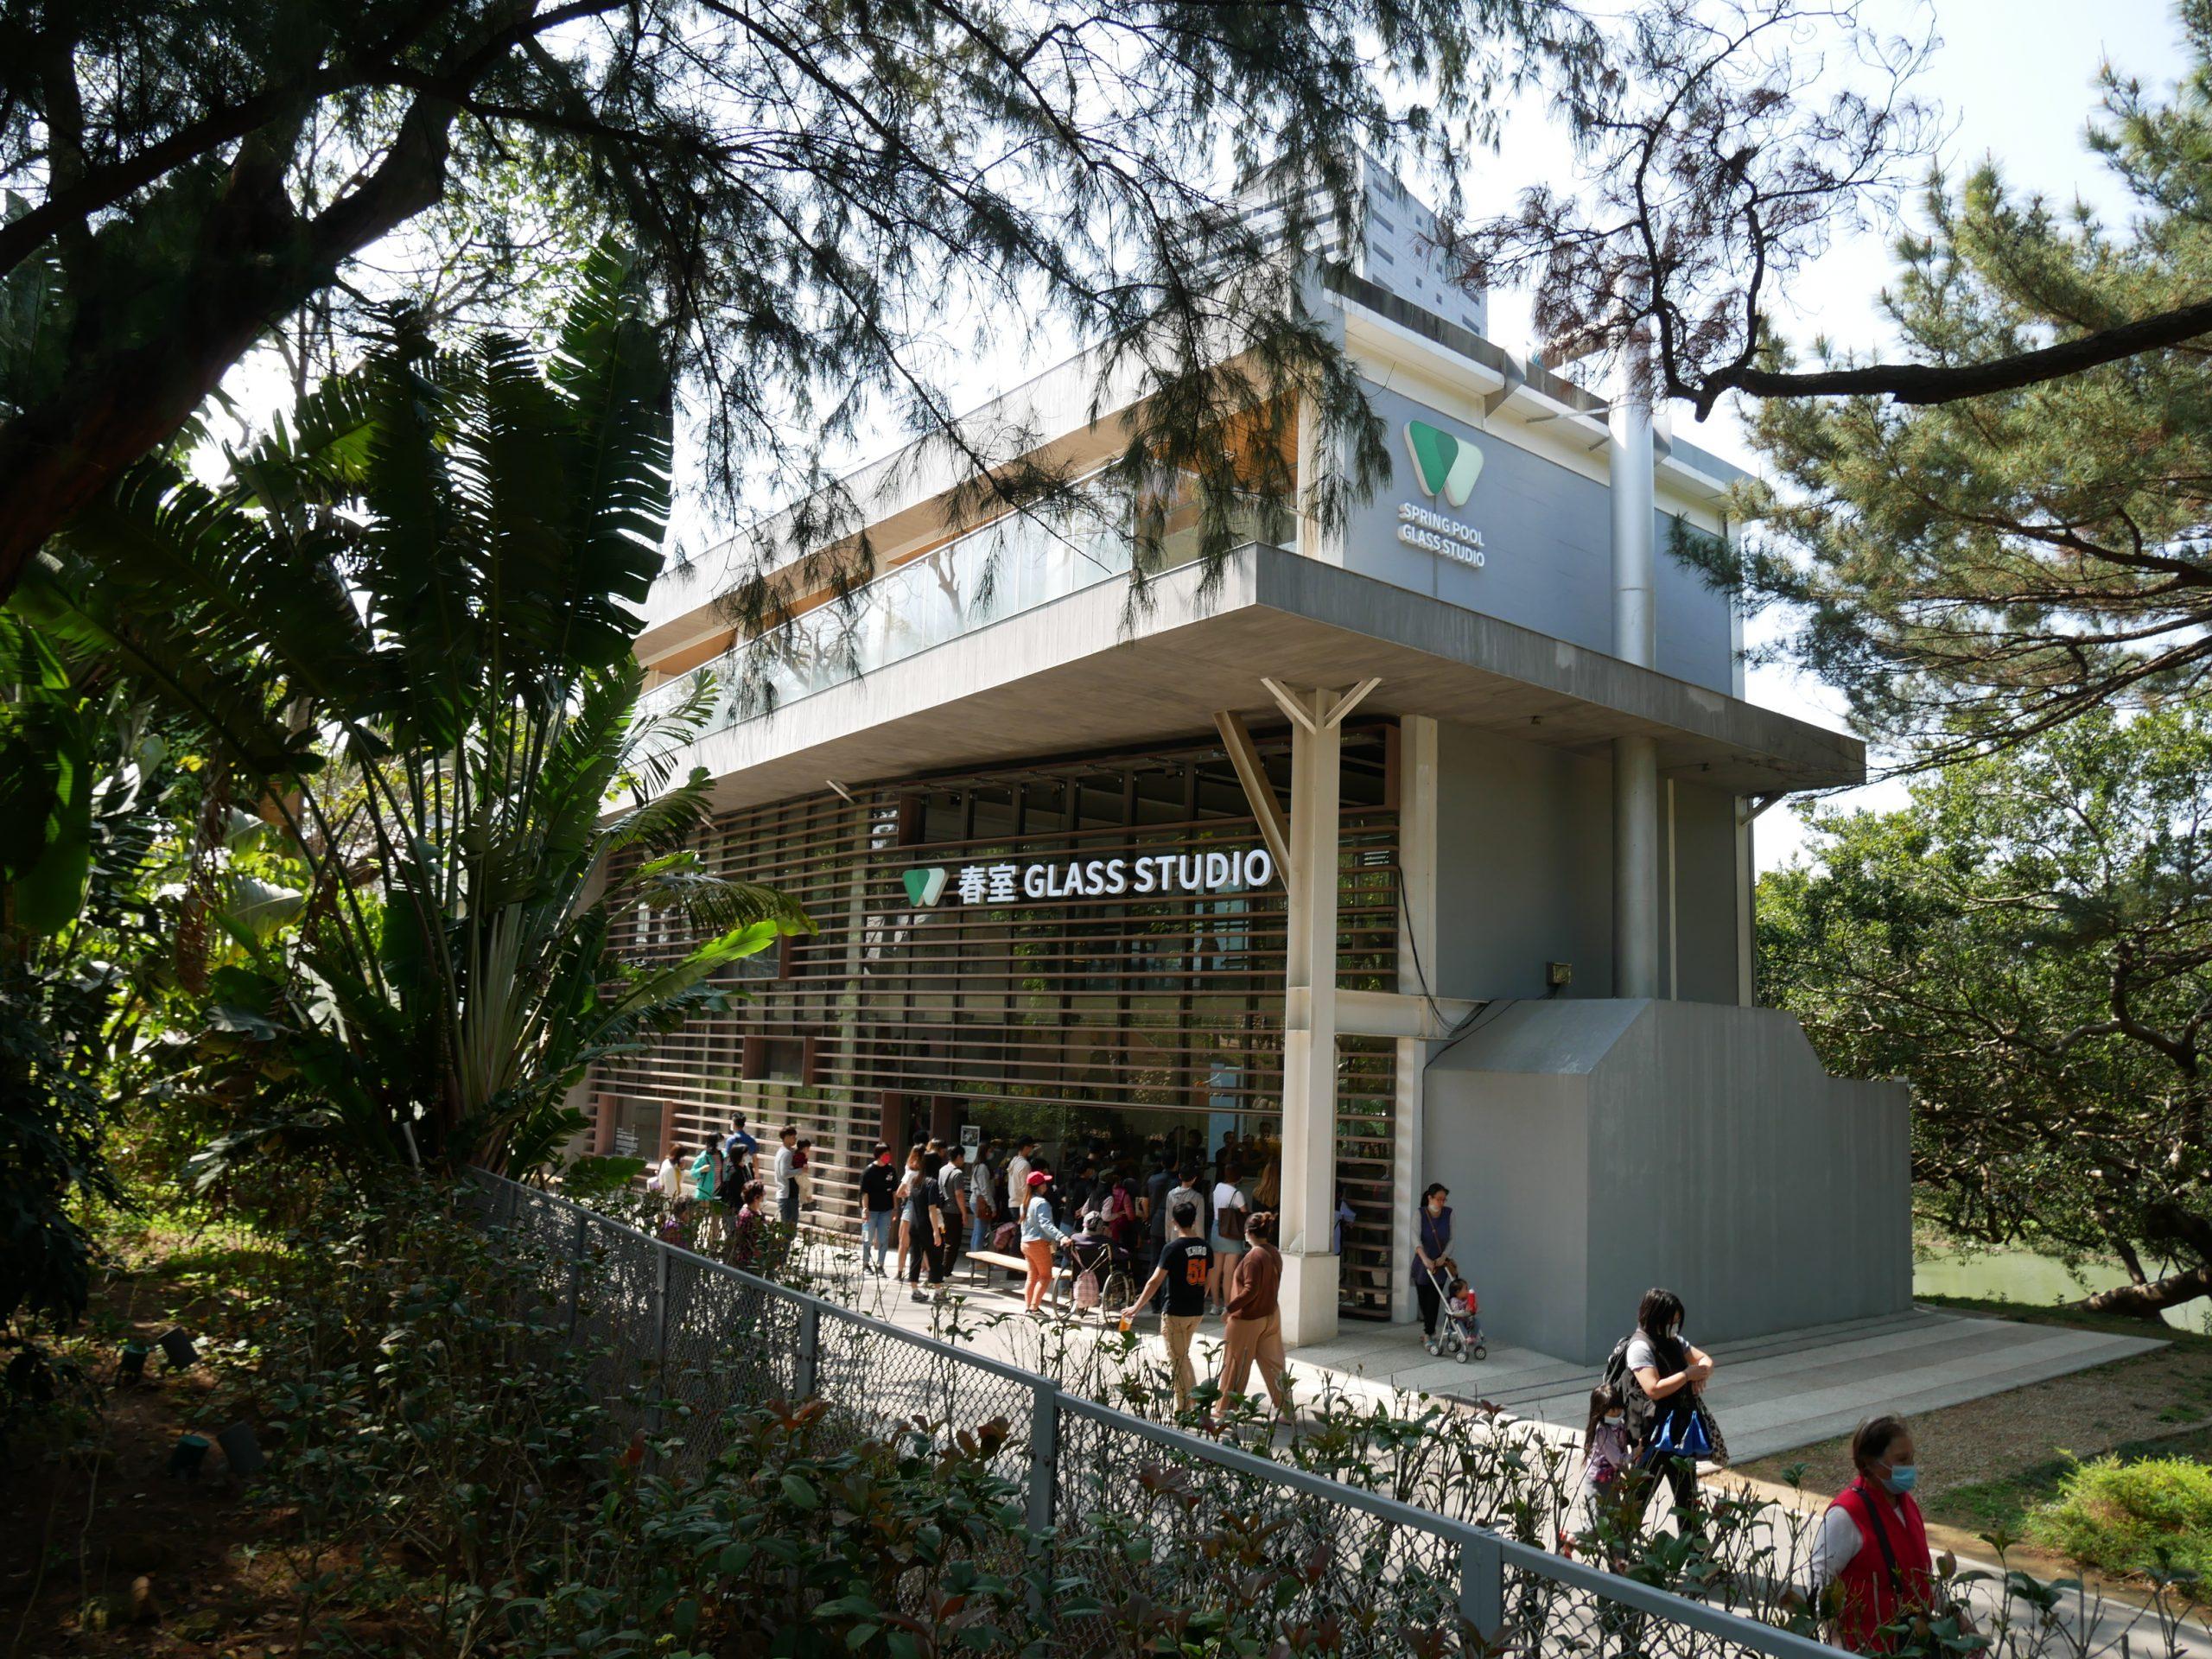 【新竹景點】新竹動物園,2020重新開幕,全台最古老的動物園,親子同遊好去處 @小環妞 幸福足跡